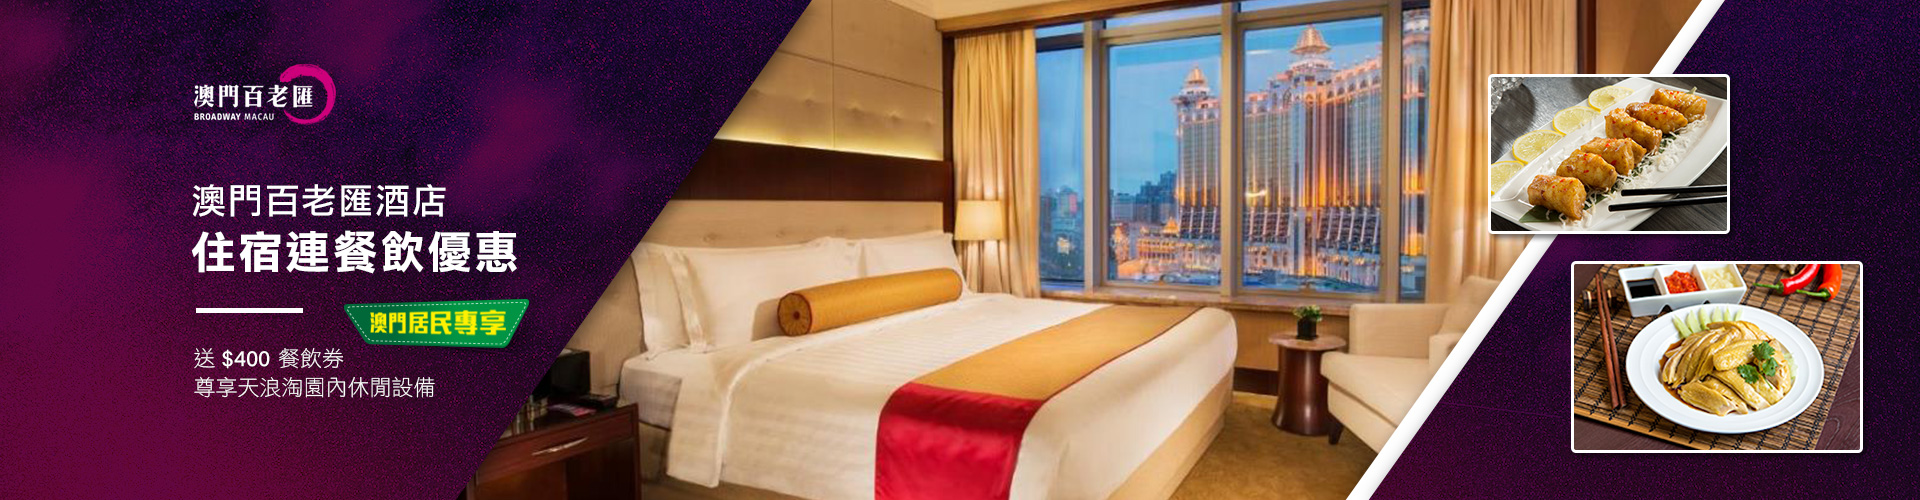 澳門百老匯酒店套票 Broadway Hotel Macau Package